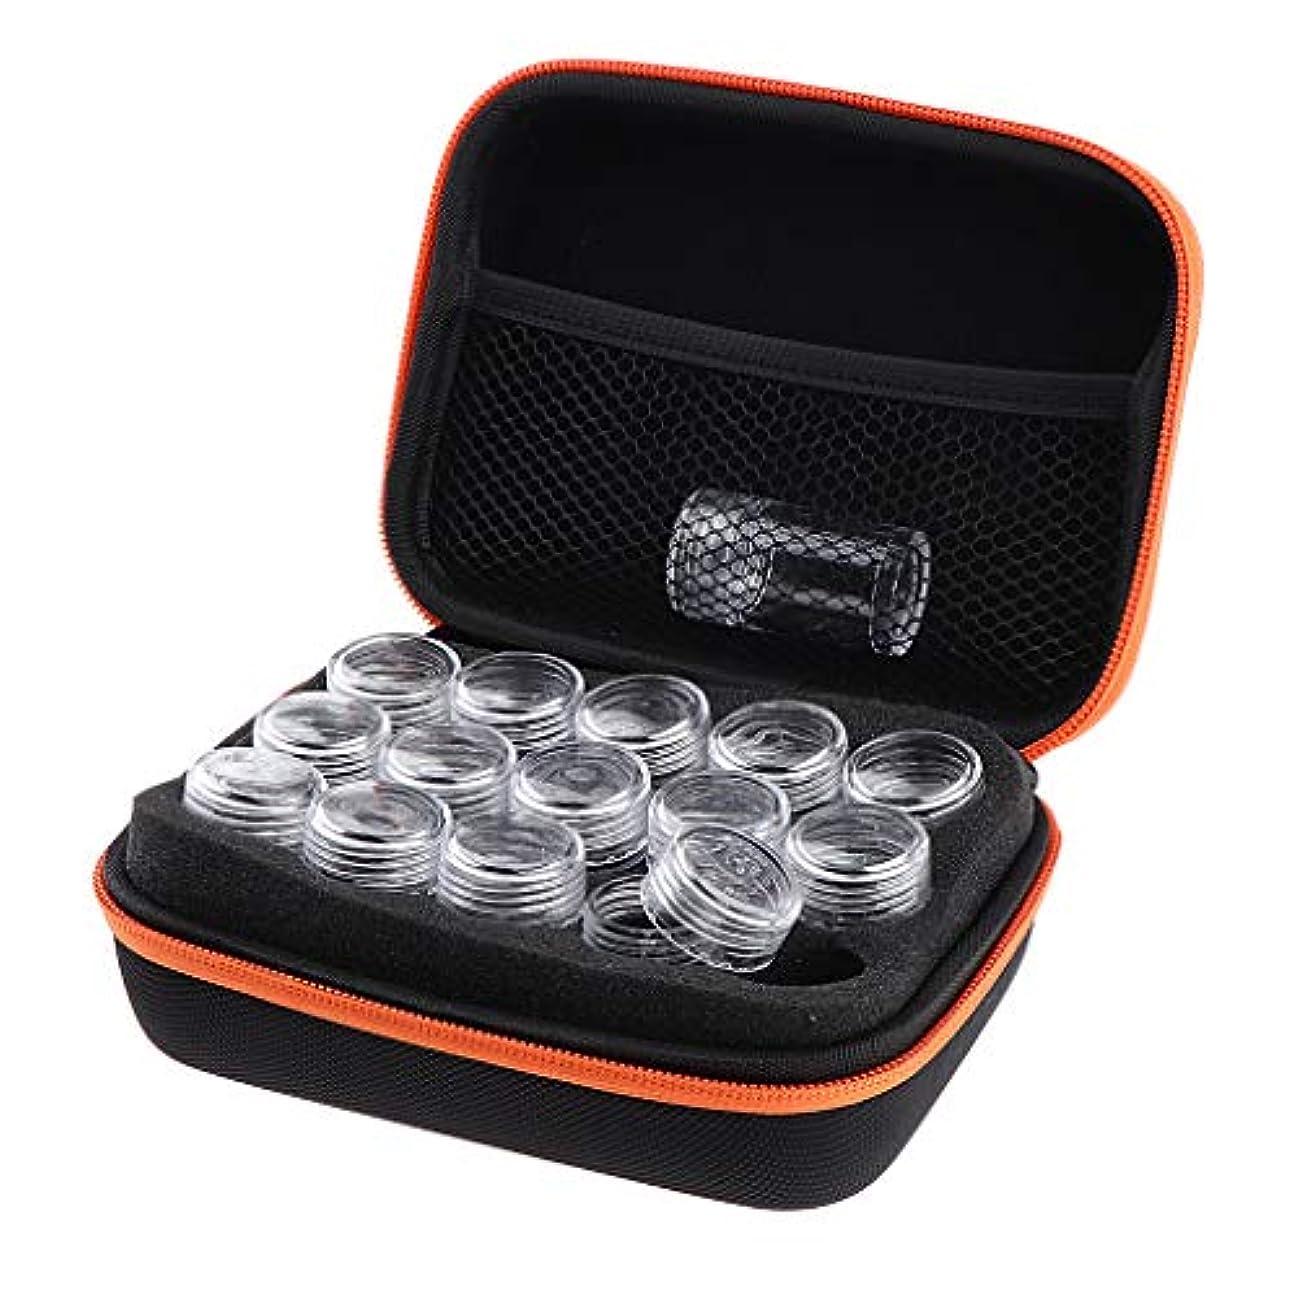 白菜チューブ広告するアロマポーチ 15本用 エッセンシャルオイル ケース 携帯用メイクポーチ 精油ケース 香水収納バッグ - オレンジ